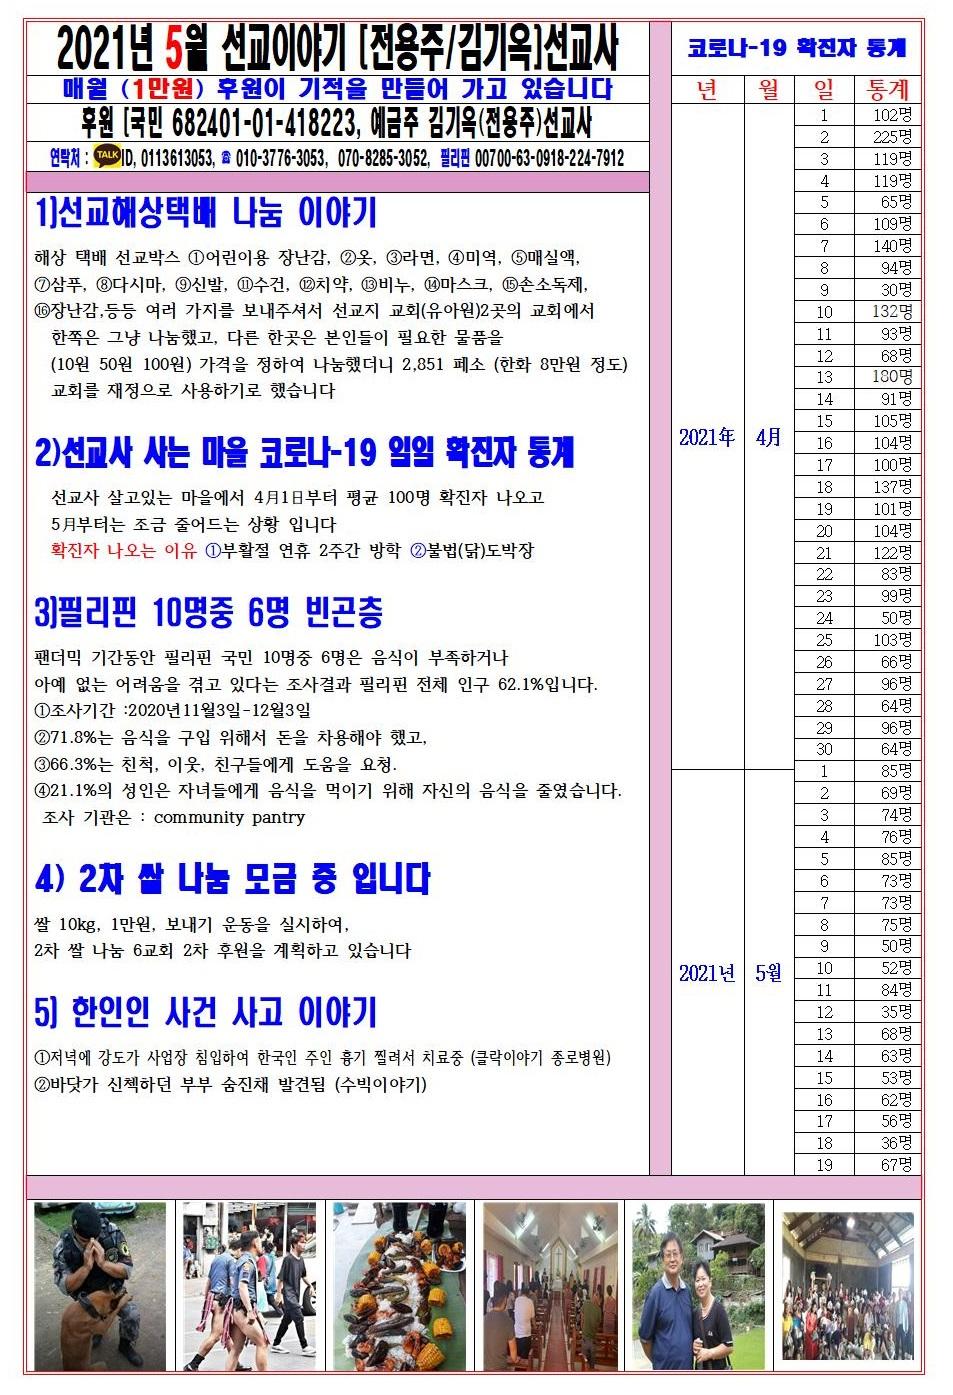 2021년 5월 선교소식 이야기 원본001.jpg